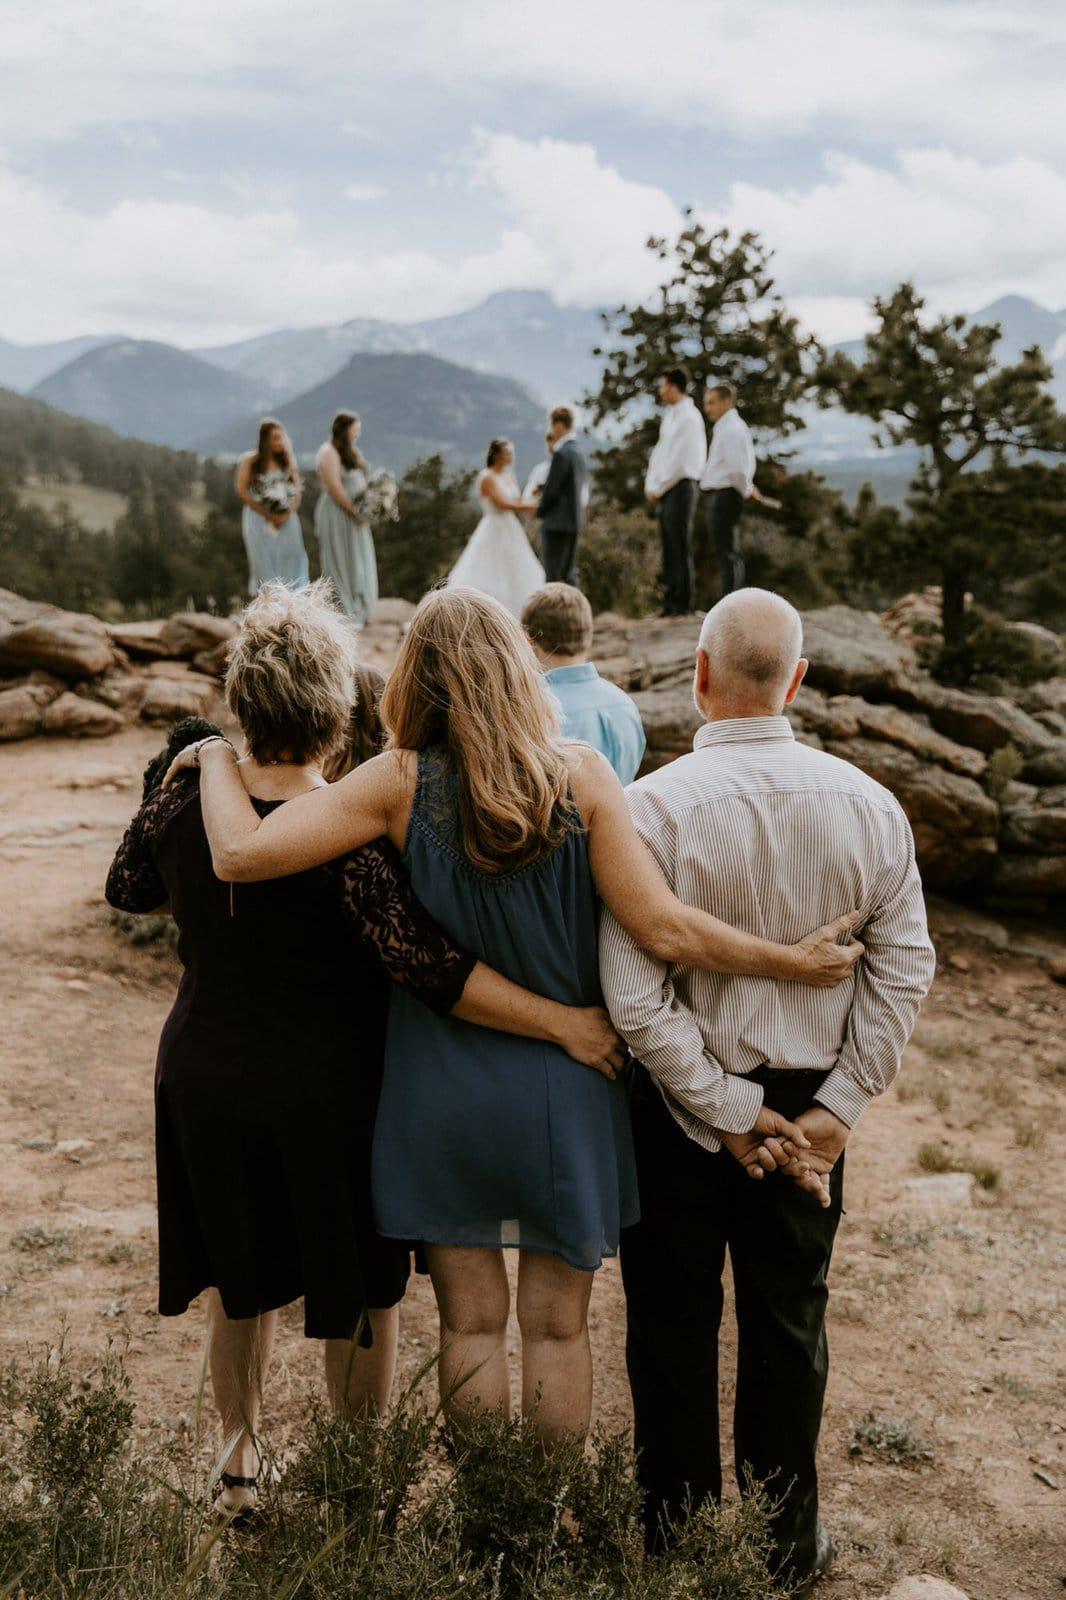 parents overlooking wedding ceremony.